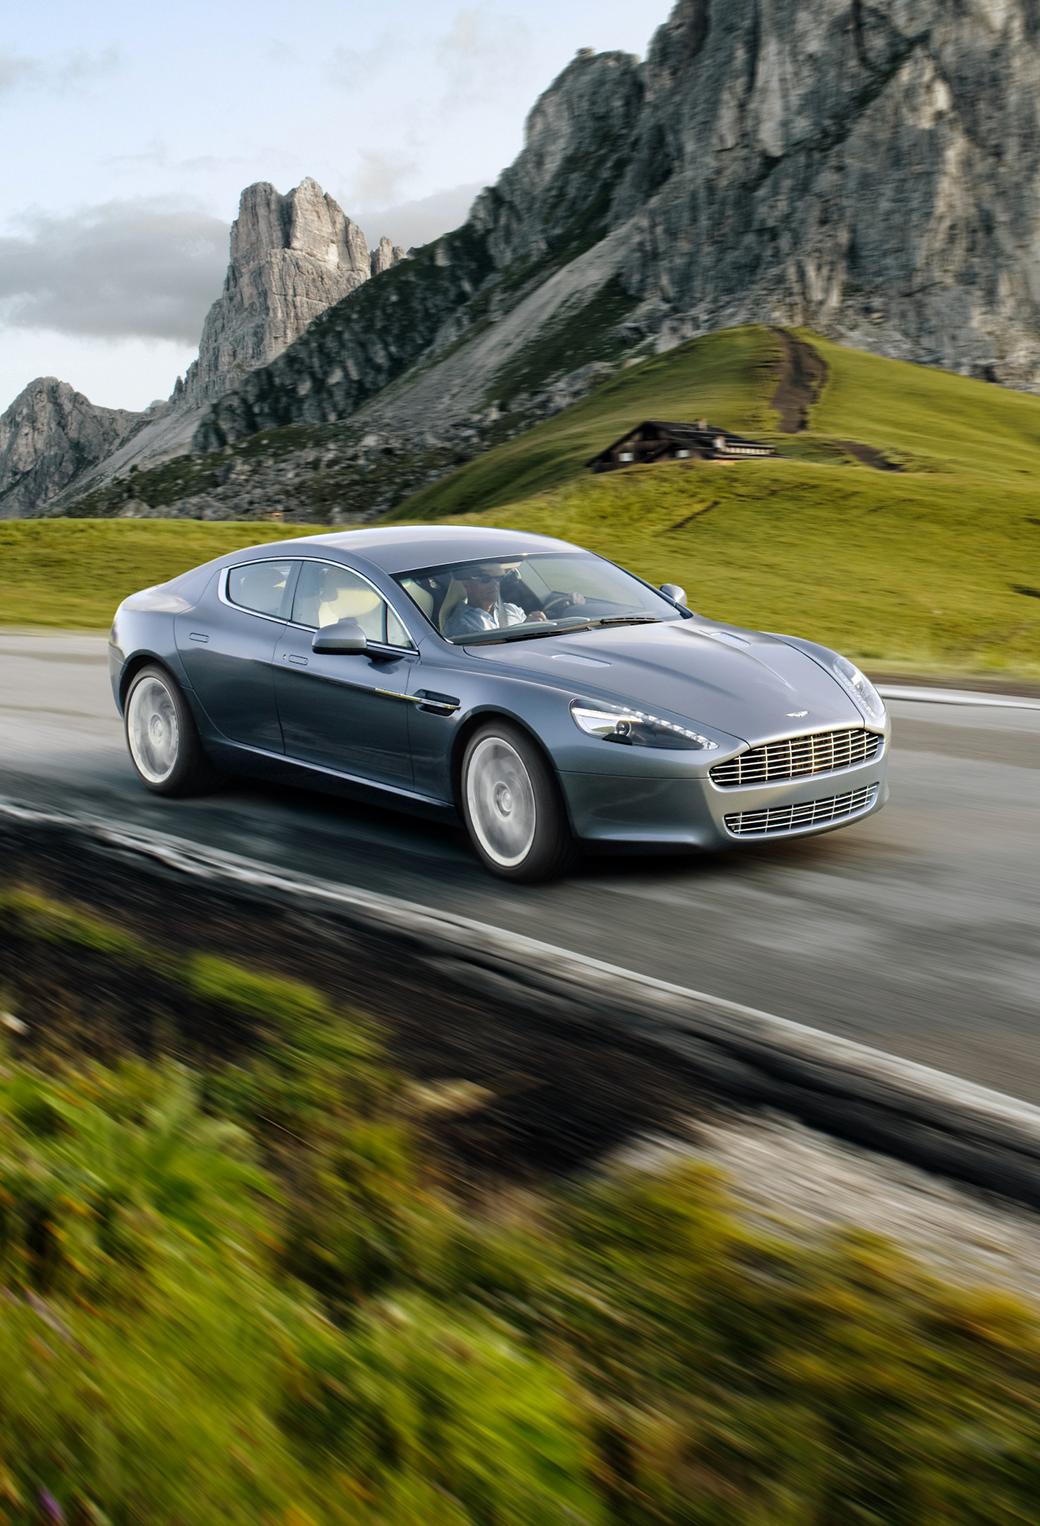 Aston Martin 3Wallpapers iphone parallax Aston Martin